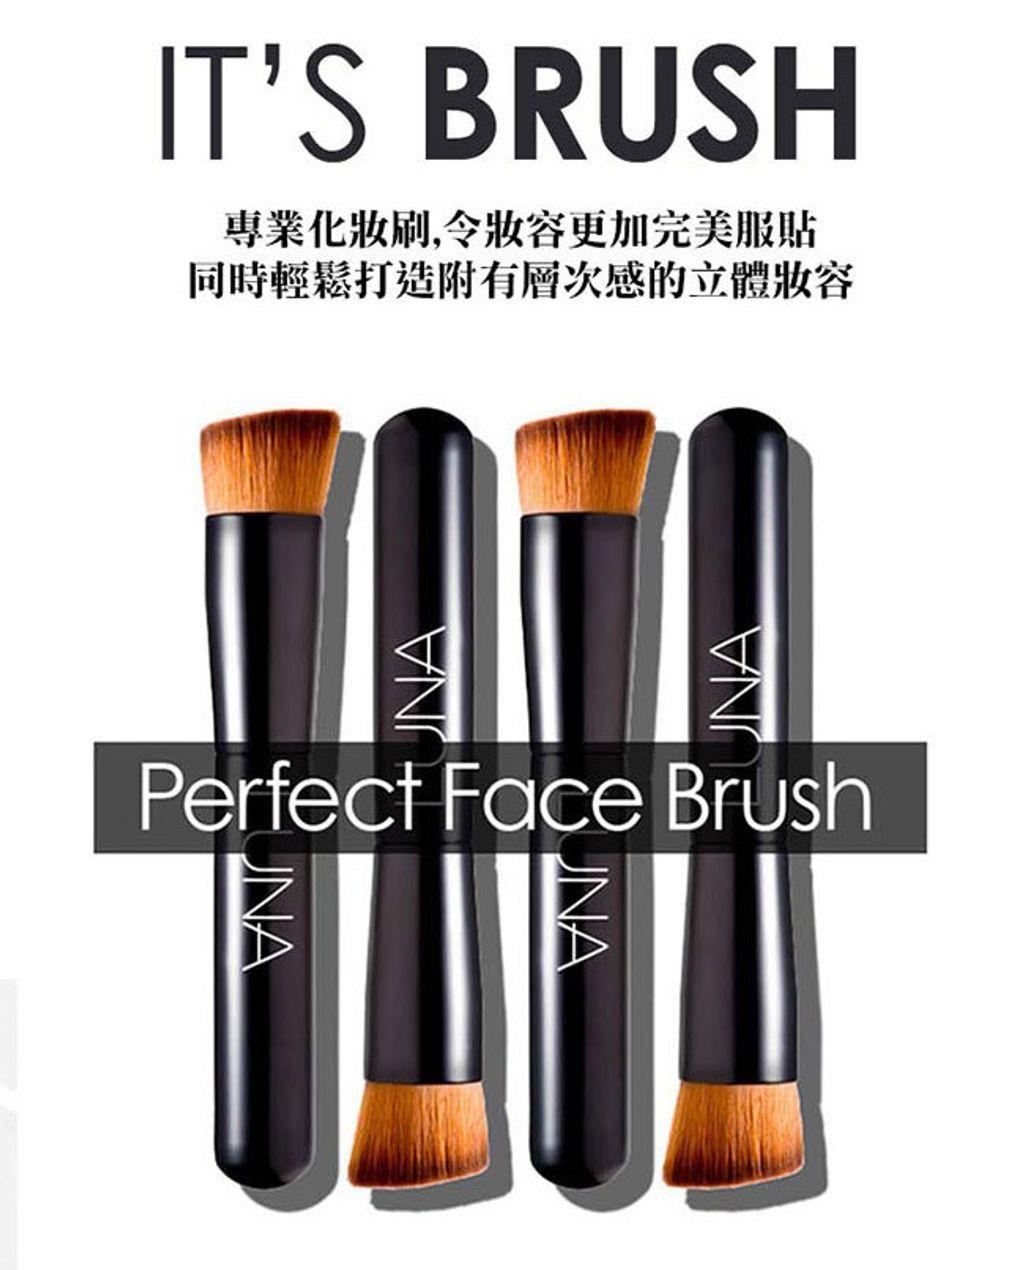 【韓國LUNA】多效亮顏美肌粉底棒+粉刷套裝組合-#21-白皙色-650_06.jpg